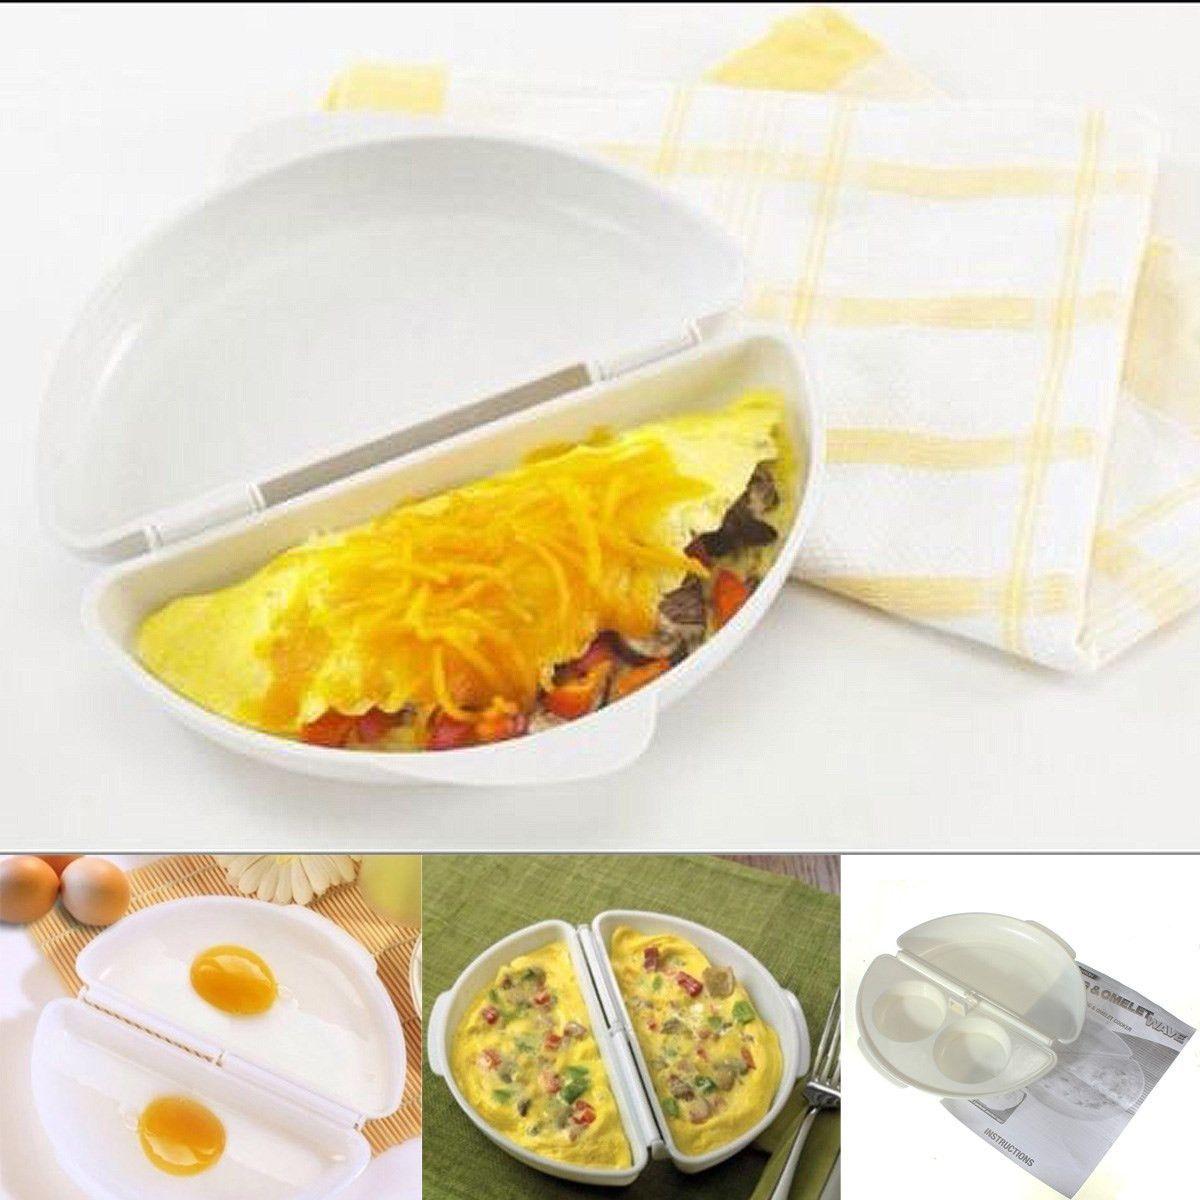 Eggs Egg Poachers Kitchen Home Tool Omelette Pan Maker Microwave Omelet Pan